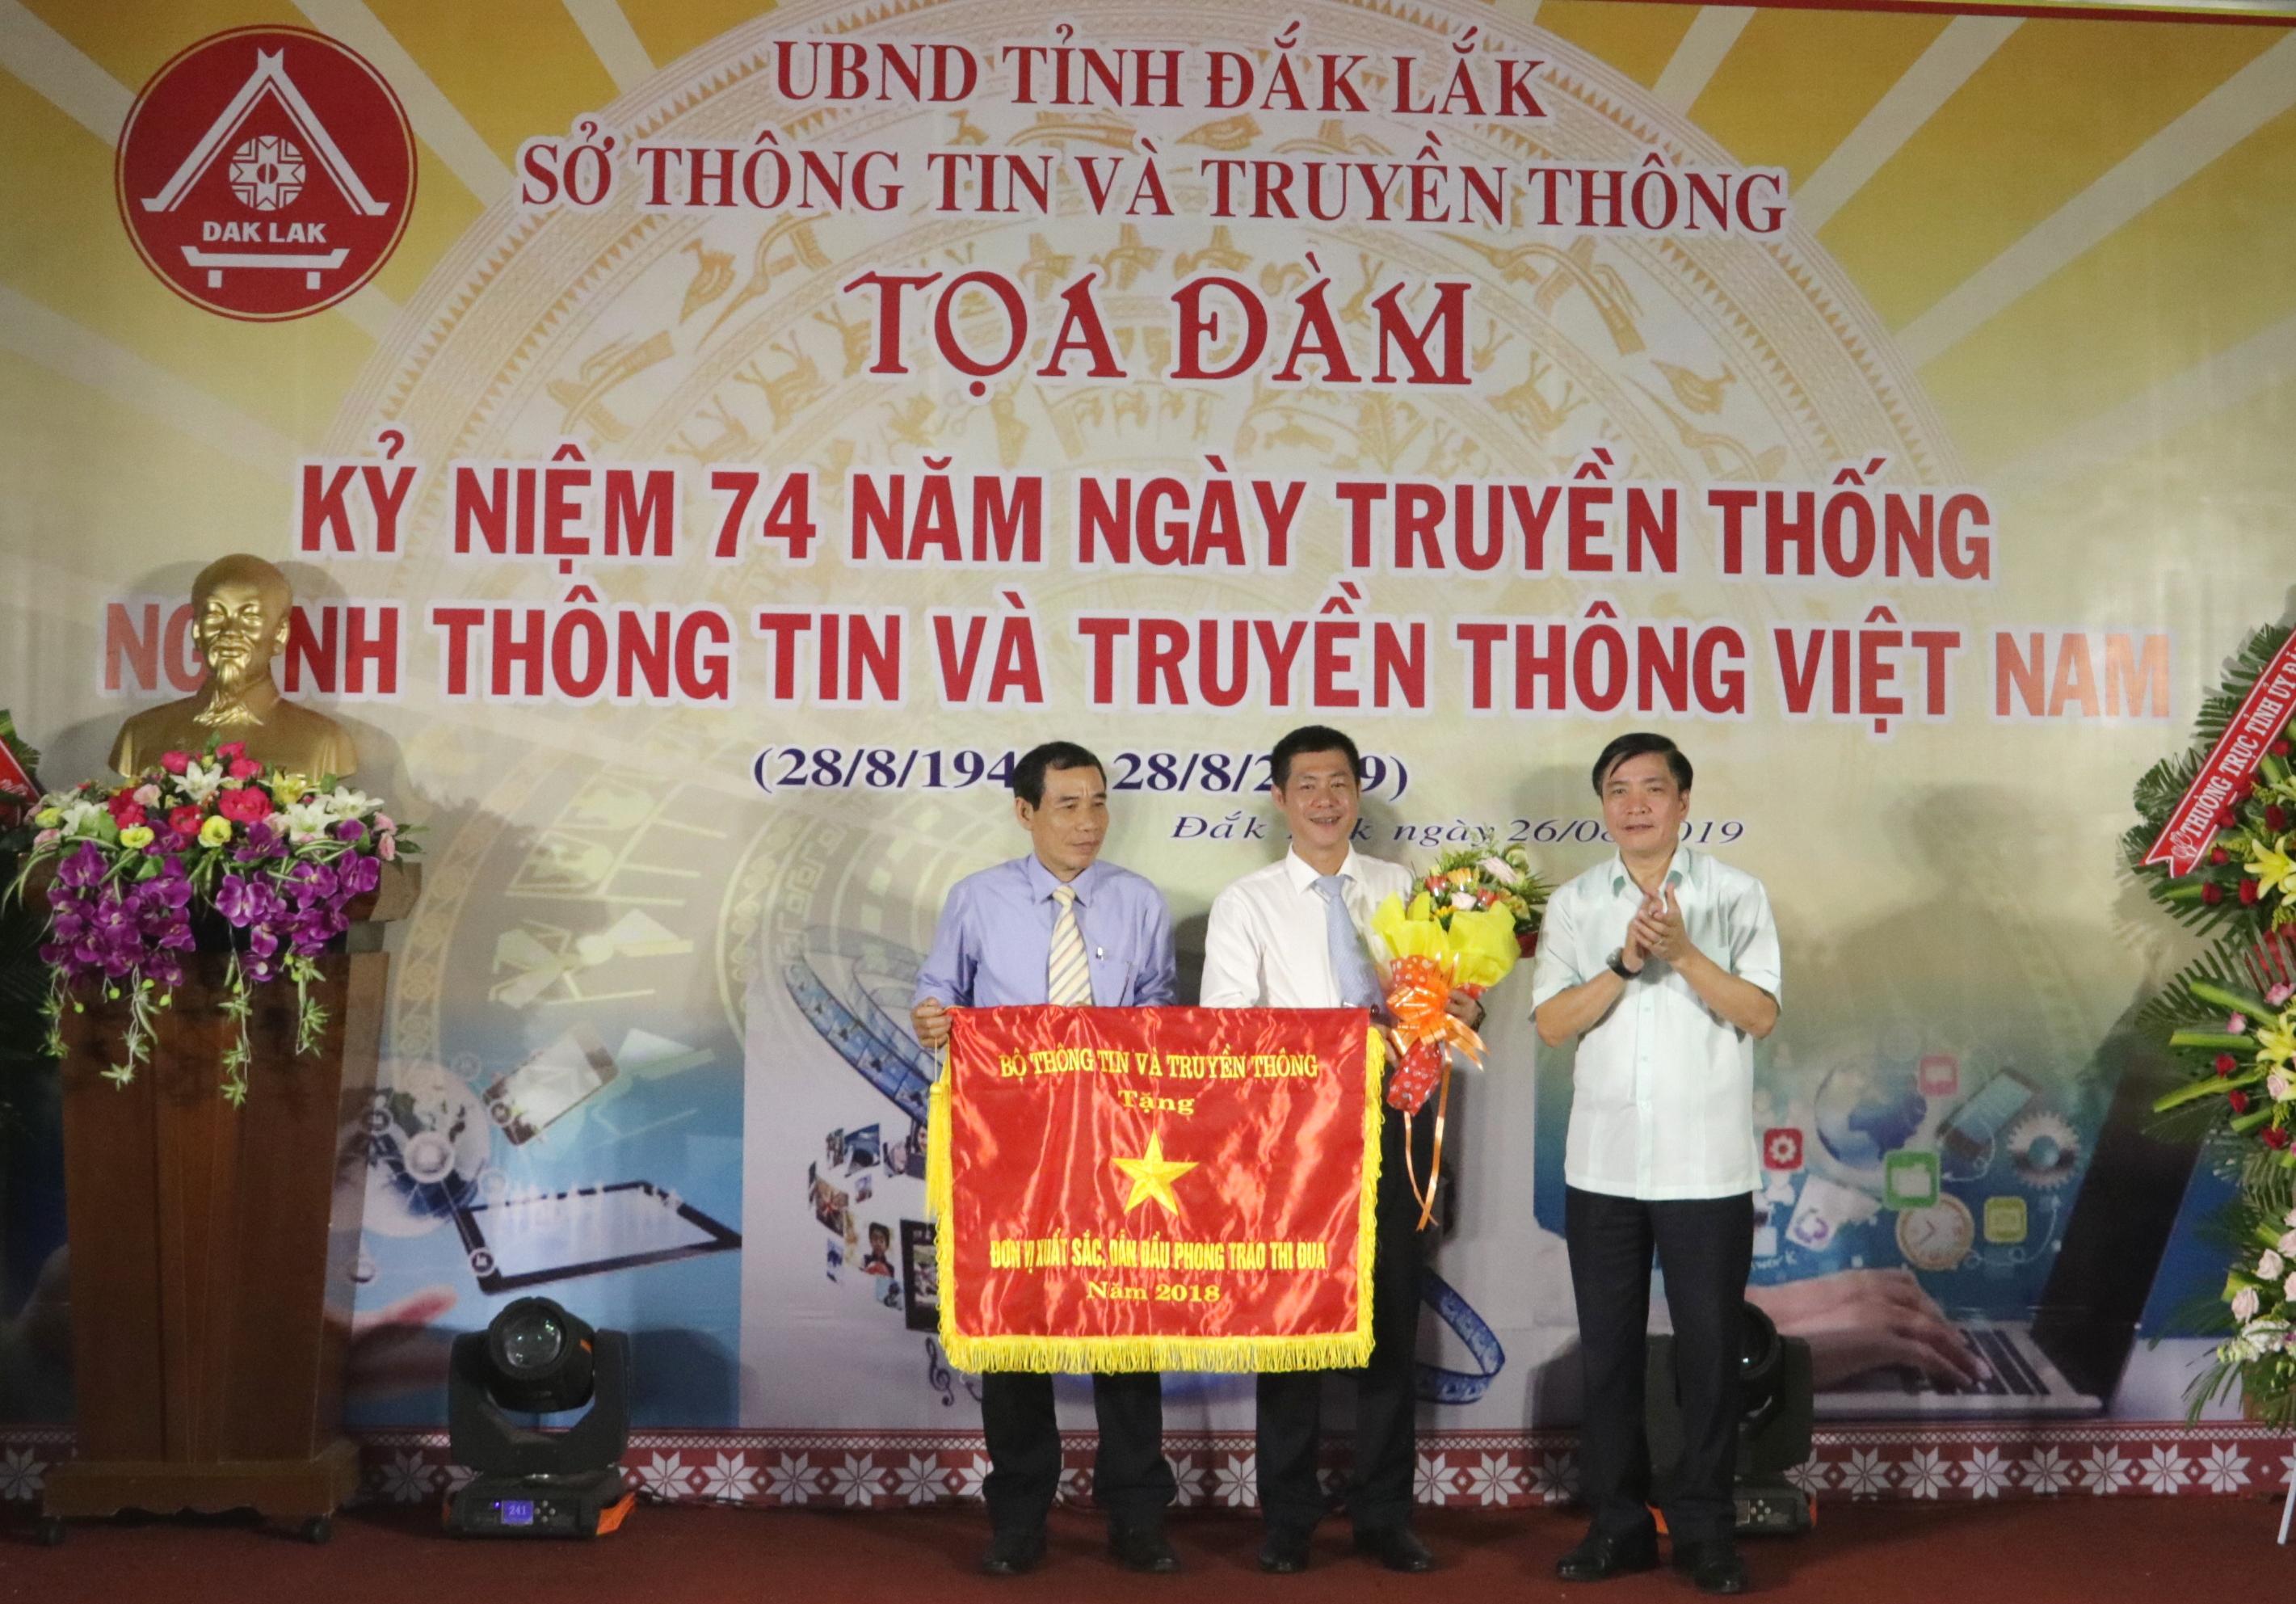 Tọa đàm kỷ niệm 74 năm Ngày truyền thống ngành Thông tin và Truyền thông Việt Nam (28/8/1945-28/8/2019)